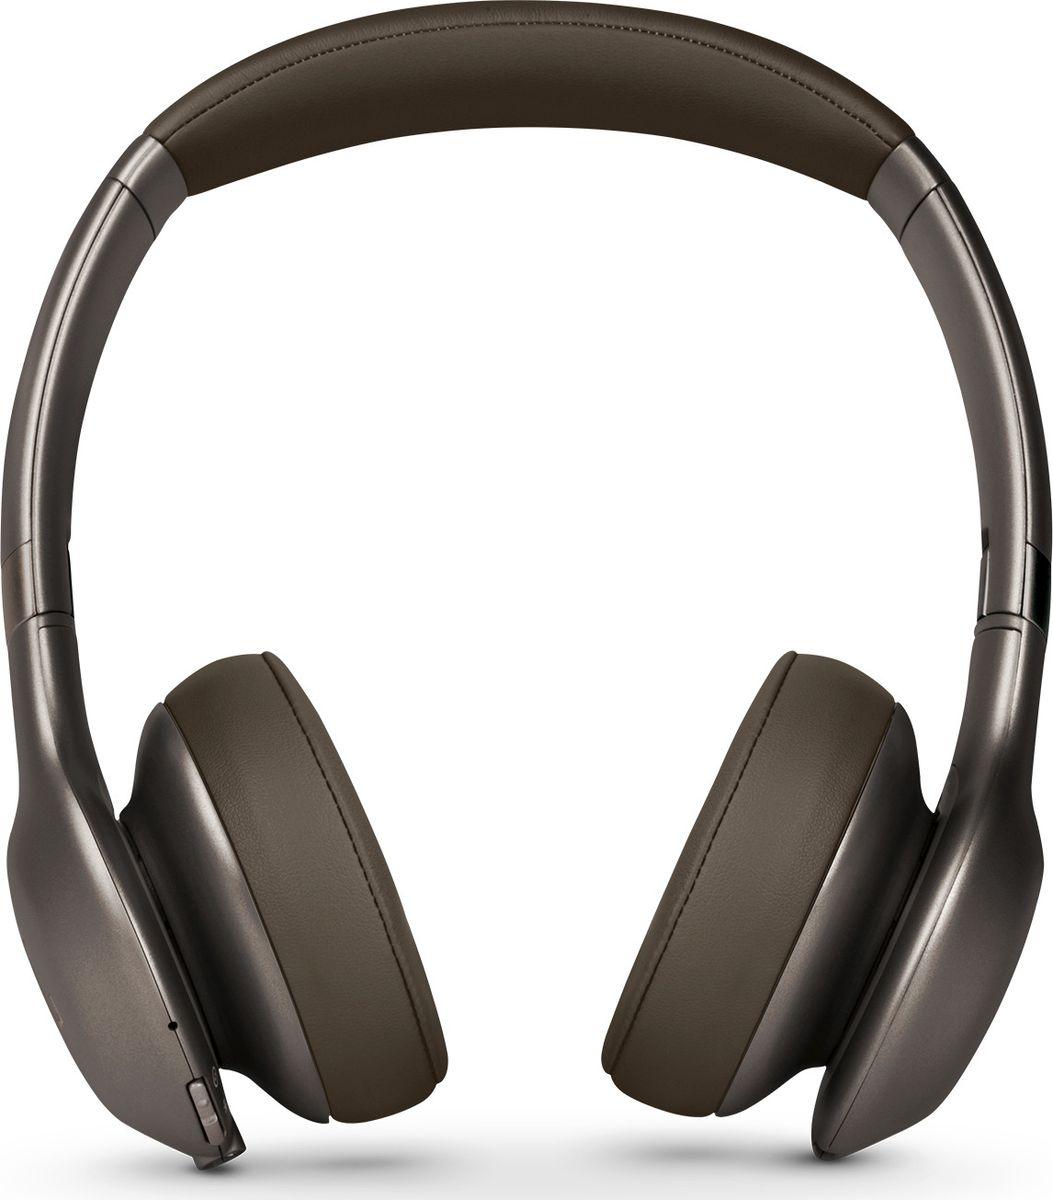 JBL Everest 310, Brown наушникиJBLV310BTBRNНаденьте наушники JBL Everest 310: вас ждет до 20 часов прослушивания без проводов, потрясающий легендарный звук JBL Pro, эргономичный комфорт благодаря отделке из премиум-материалов и удобному прилеганию амбушюр. Технология Share Me 2.0 позволяет делиться музыкой с друзьями через Bluetooth. Благодаря быстрой зарядке за 2 часа, элегантному складному дизайну и компактному жесткому чехлу эти наушники станут вашим идеальным попутчиком в частых поездках. Встроенный микрофон обеспечивает кристально чистый звук во время звонков в режиме hands-free, а удобные кнопки на чашке наушника позволяют выбирать нужную музыку. Наушники доступны в металлических оттенках. Они сделают музыку центром вашей жизни. Позвольте себе этот звук.